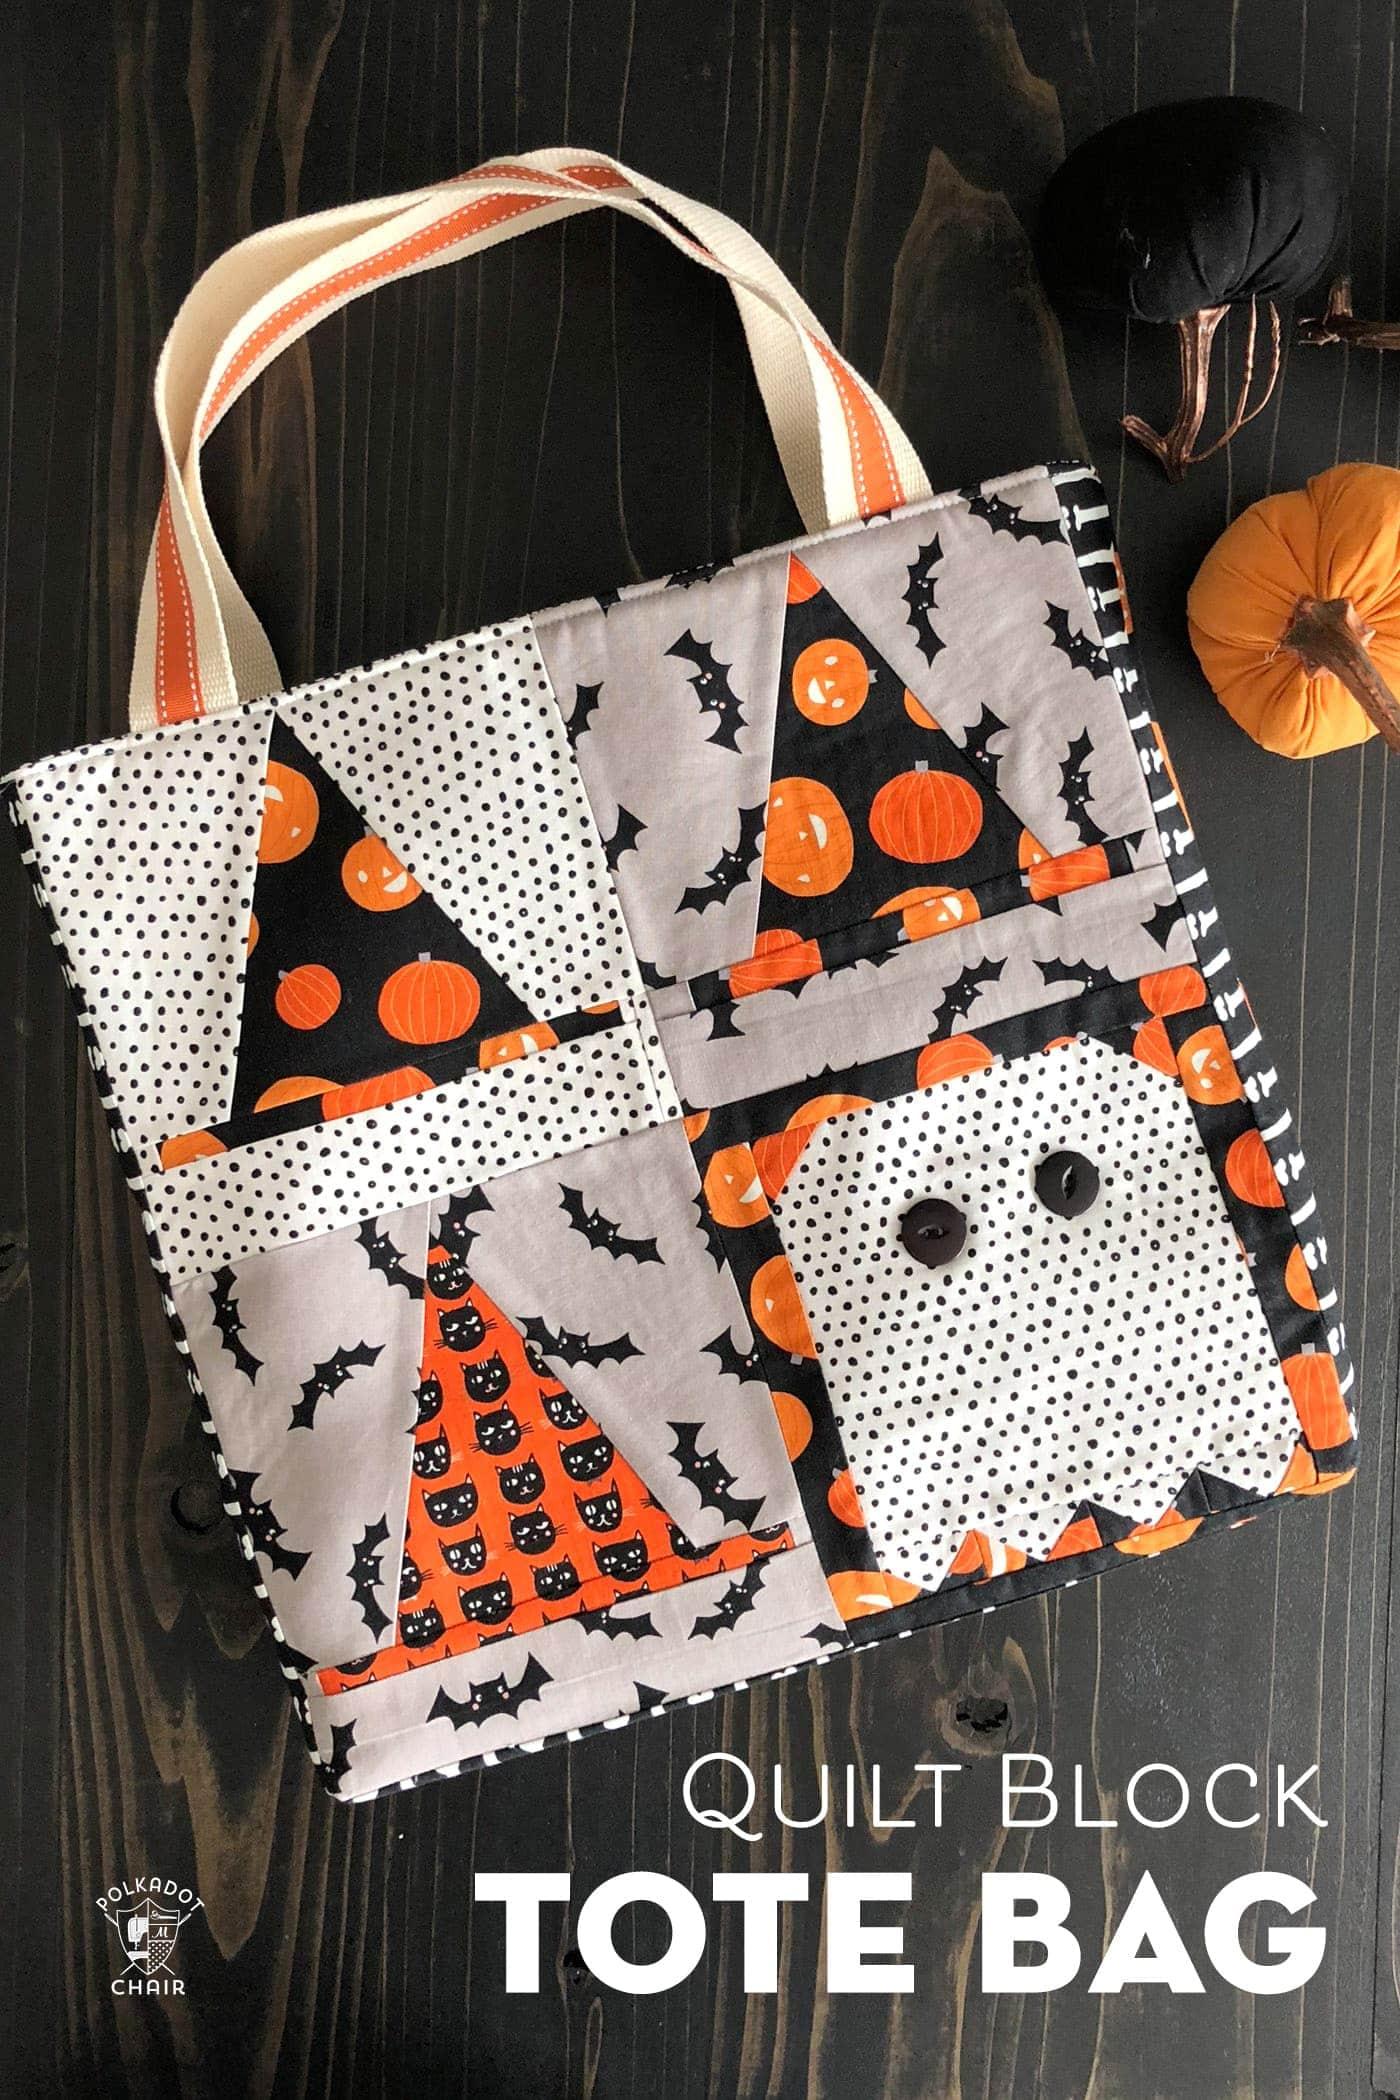 Quilt block tote bag- Halloween